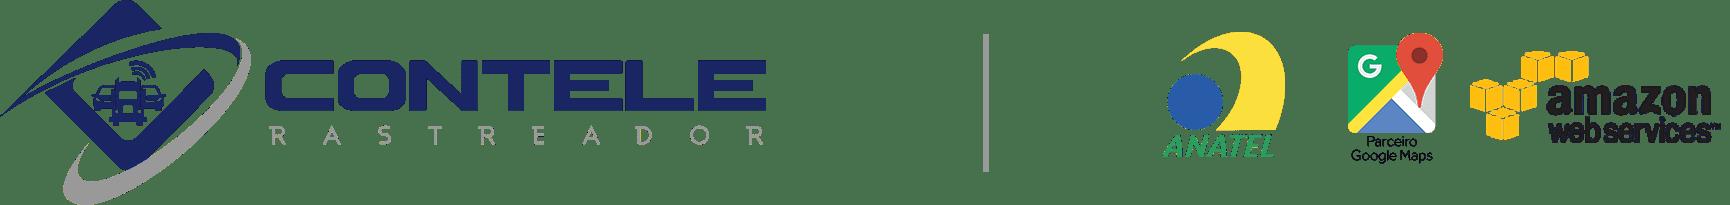 Contele Rastreador - Rastreador Veicular